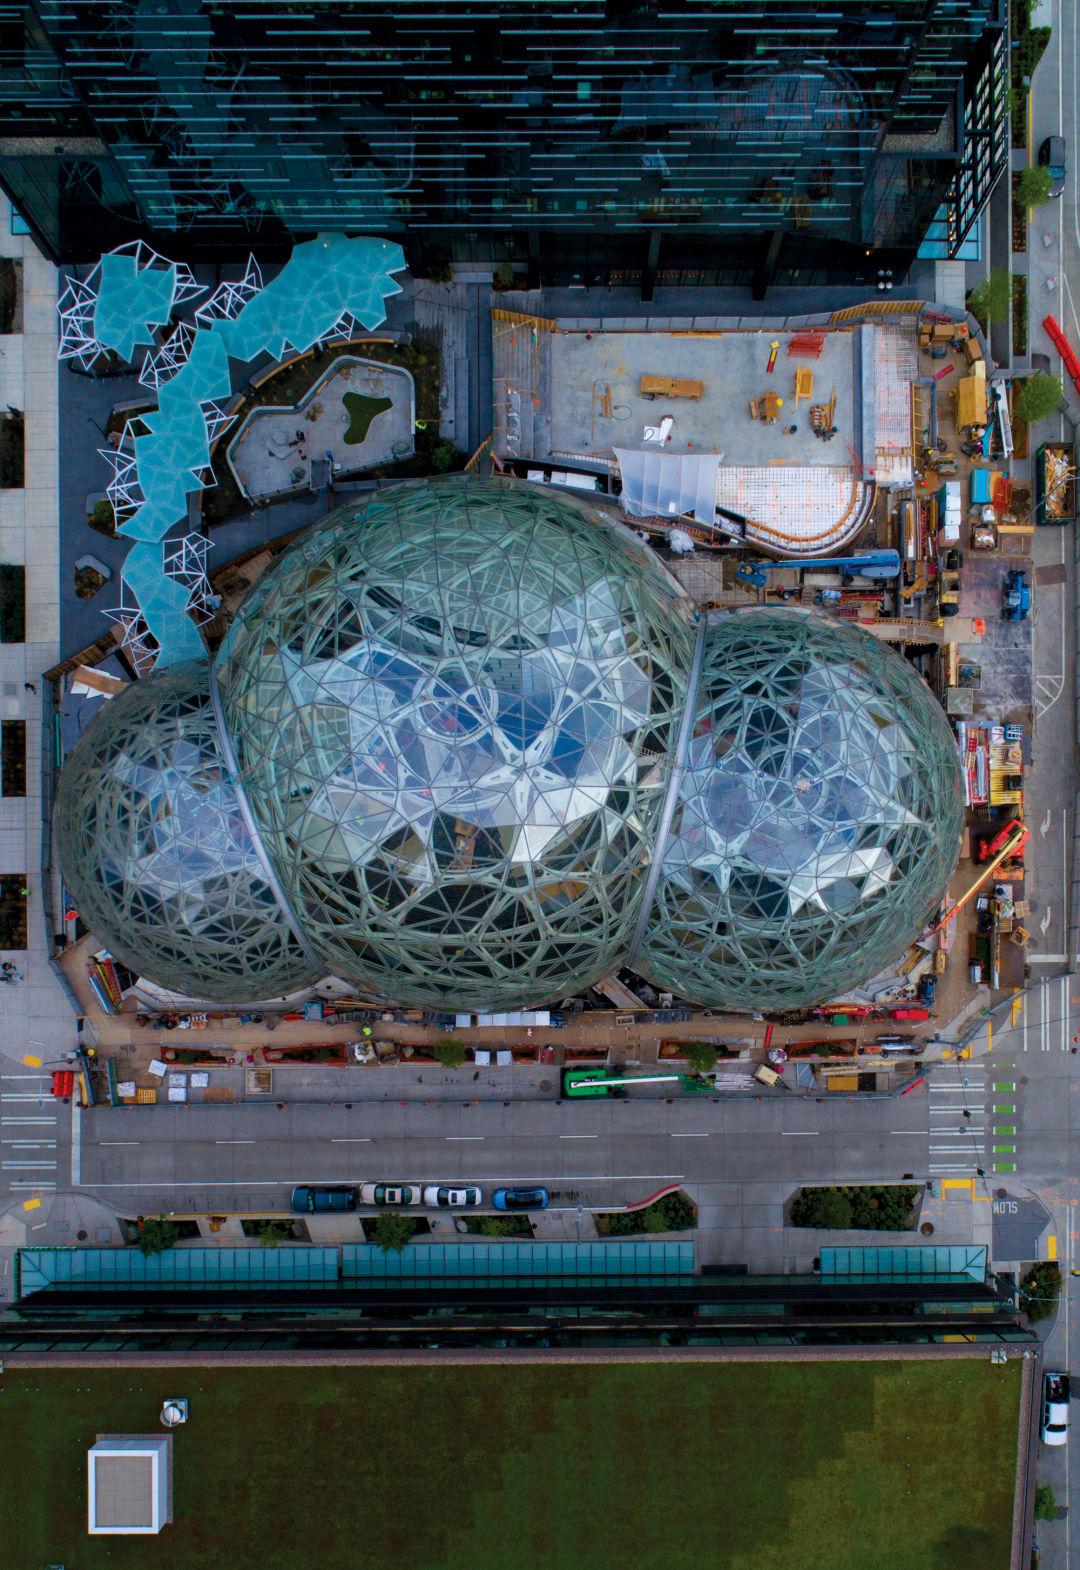 Amazonballs2 bxkbre